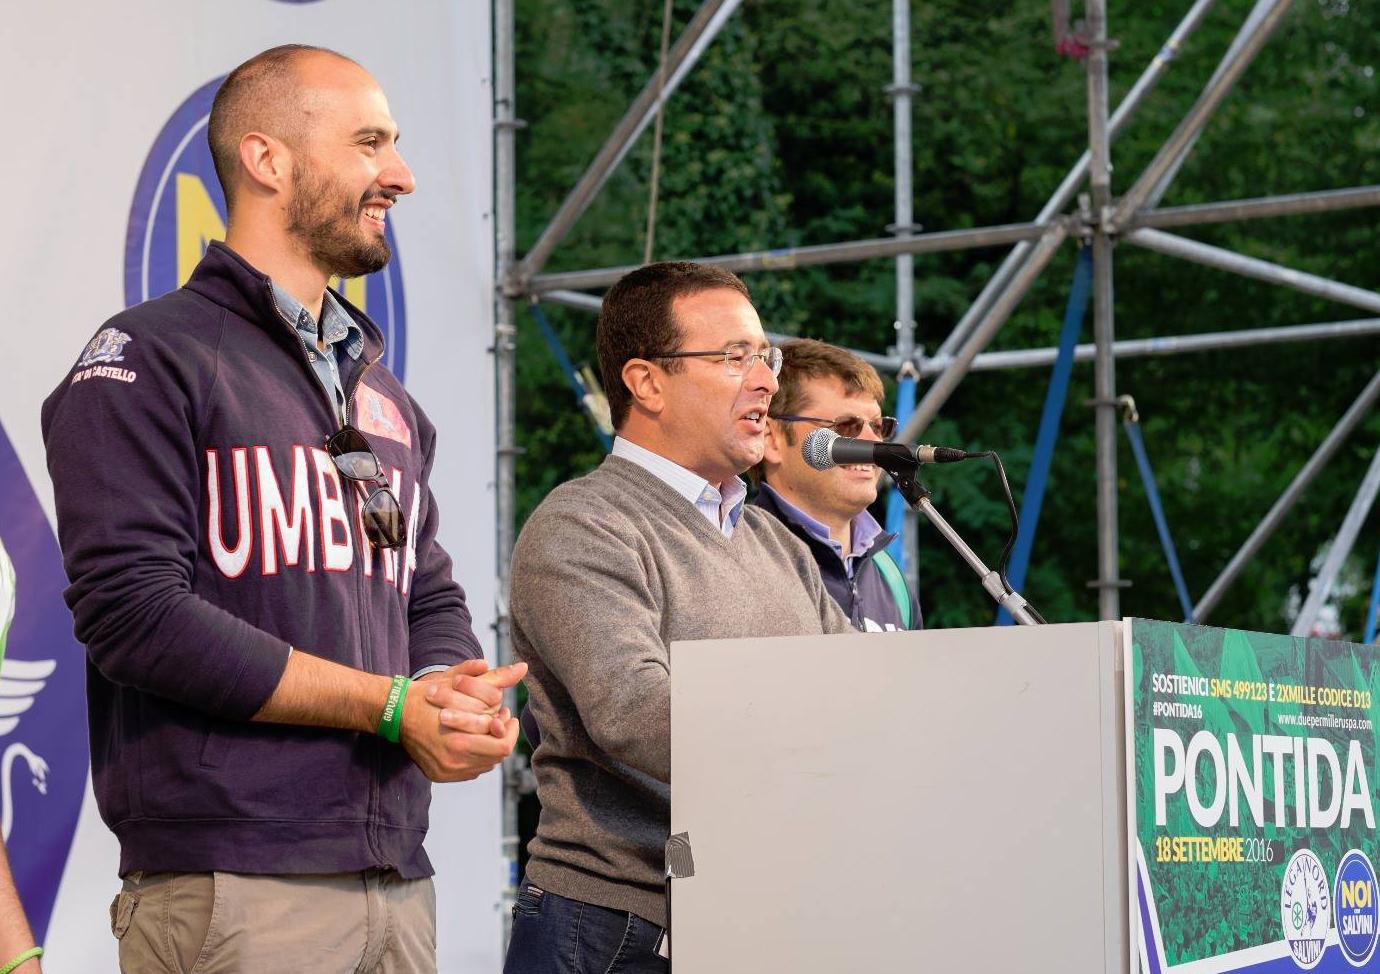 """Candiani e Marchetti sull'uscita di Felicioni dalla Lega Nord: """"Non se n'è andato, è stato espulso. Una politica autoreferenziale e poco radicata nel territorio, i veri motivi"""""""